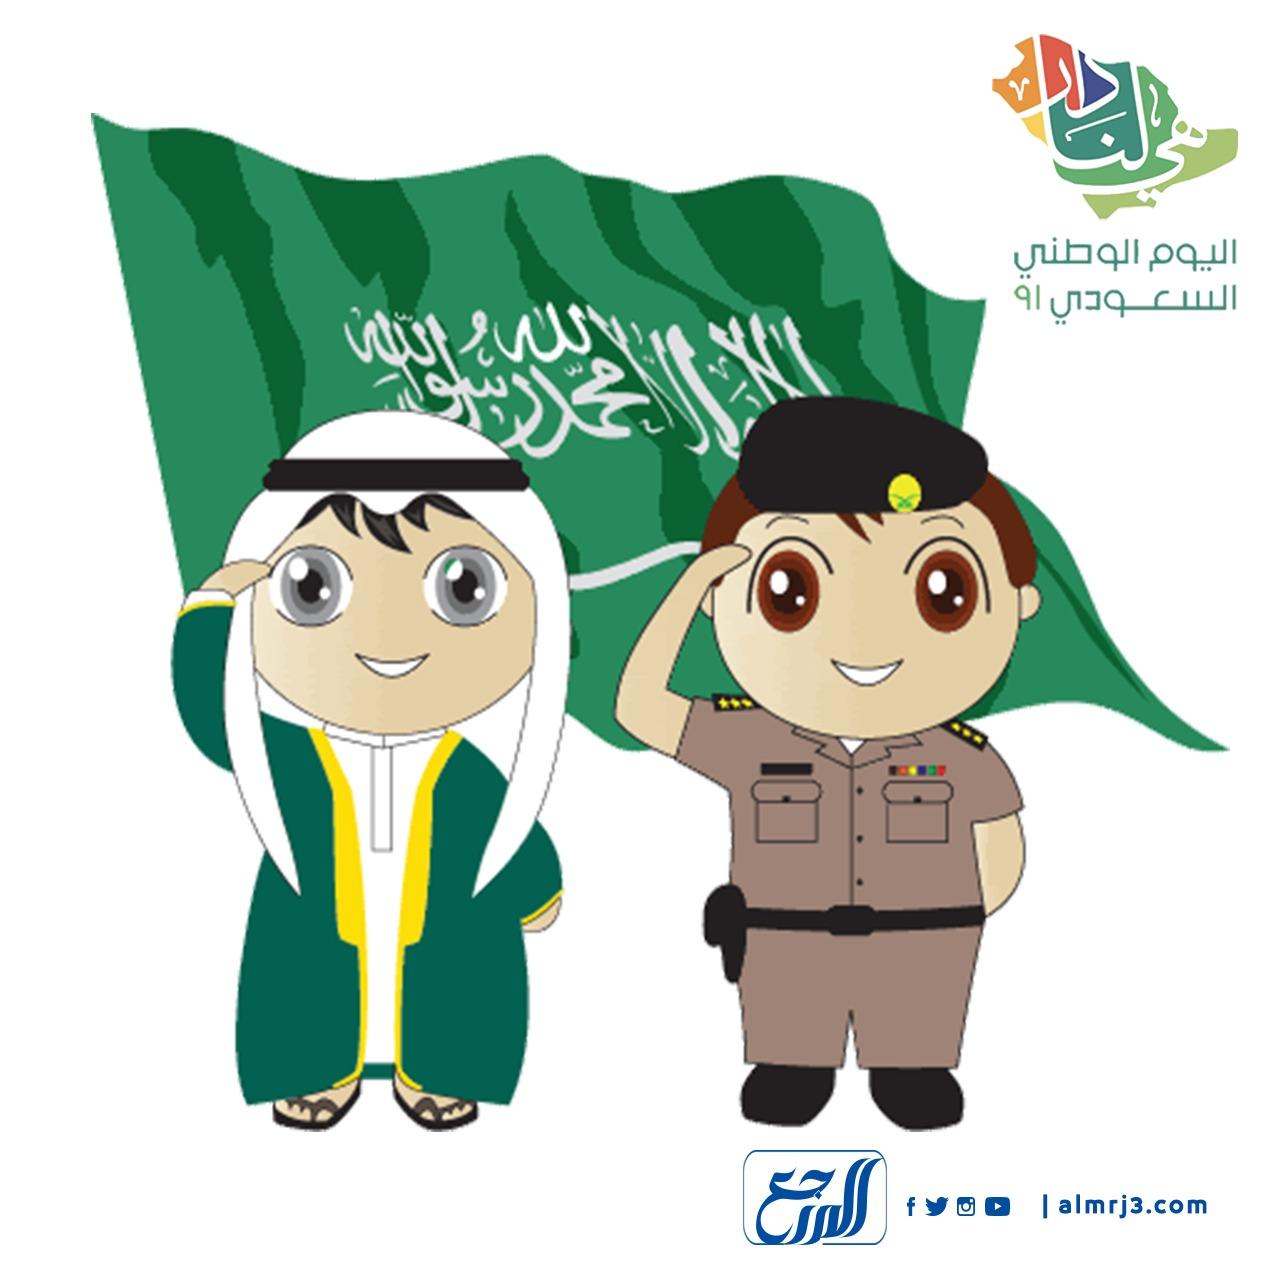 أحداث وقصة اليوم الوطني السعودي للاطفال